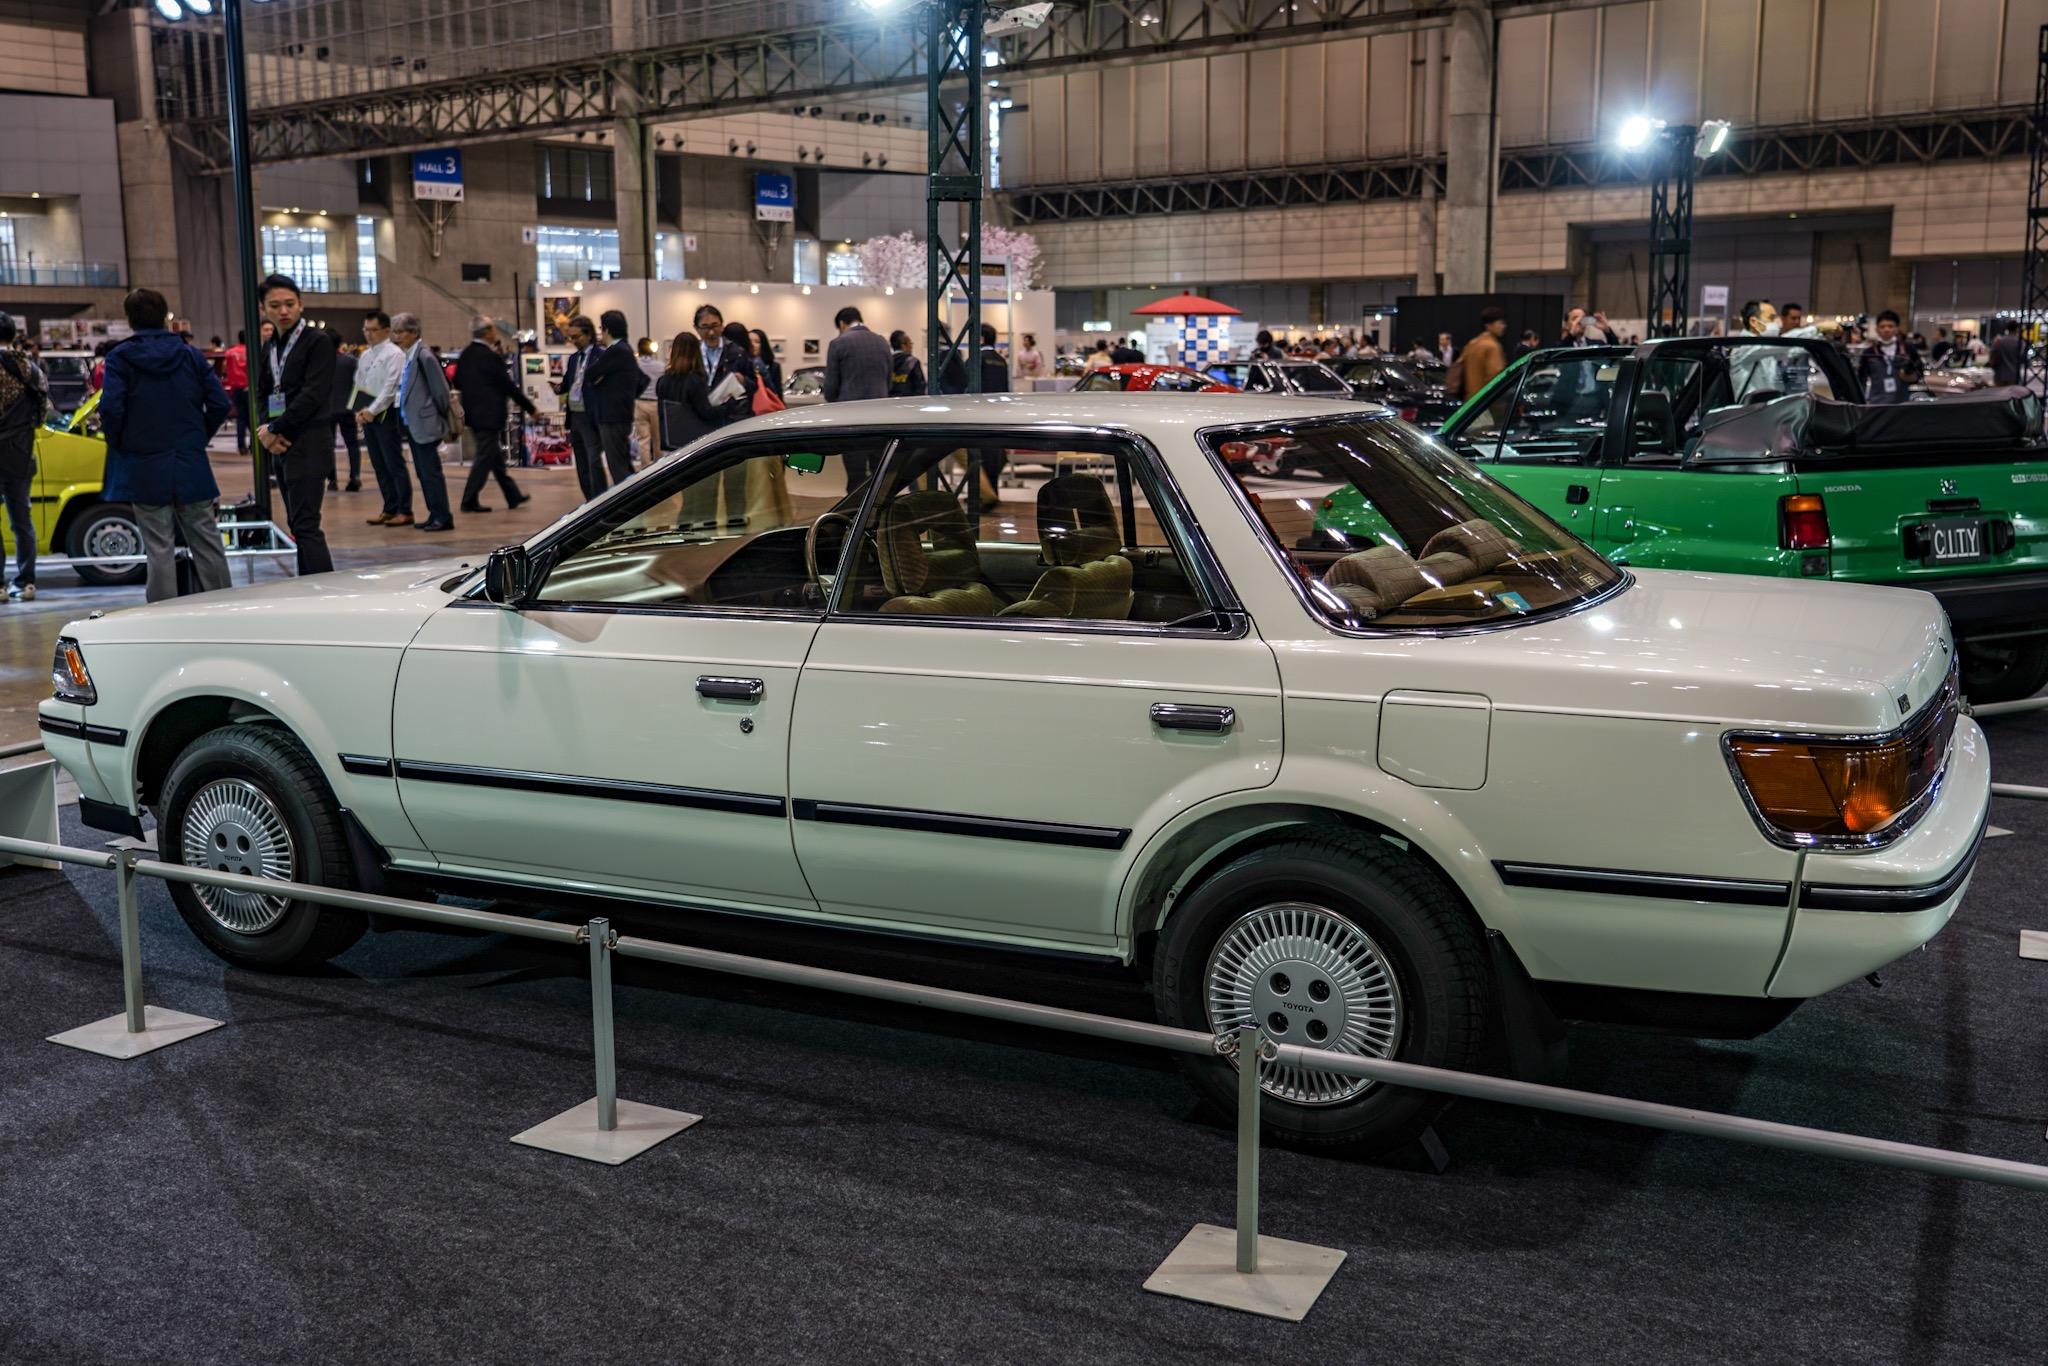 トヨタ カリーナED 初代 ST160型 オートモビルカウンシル2019